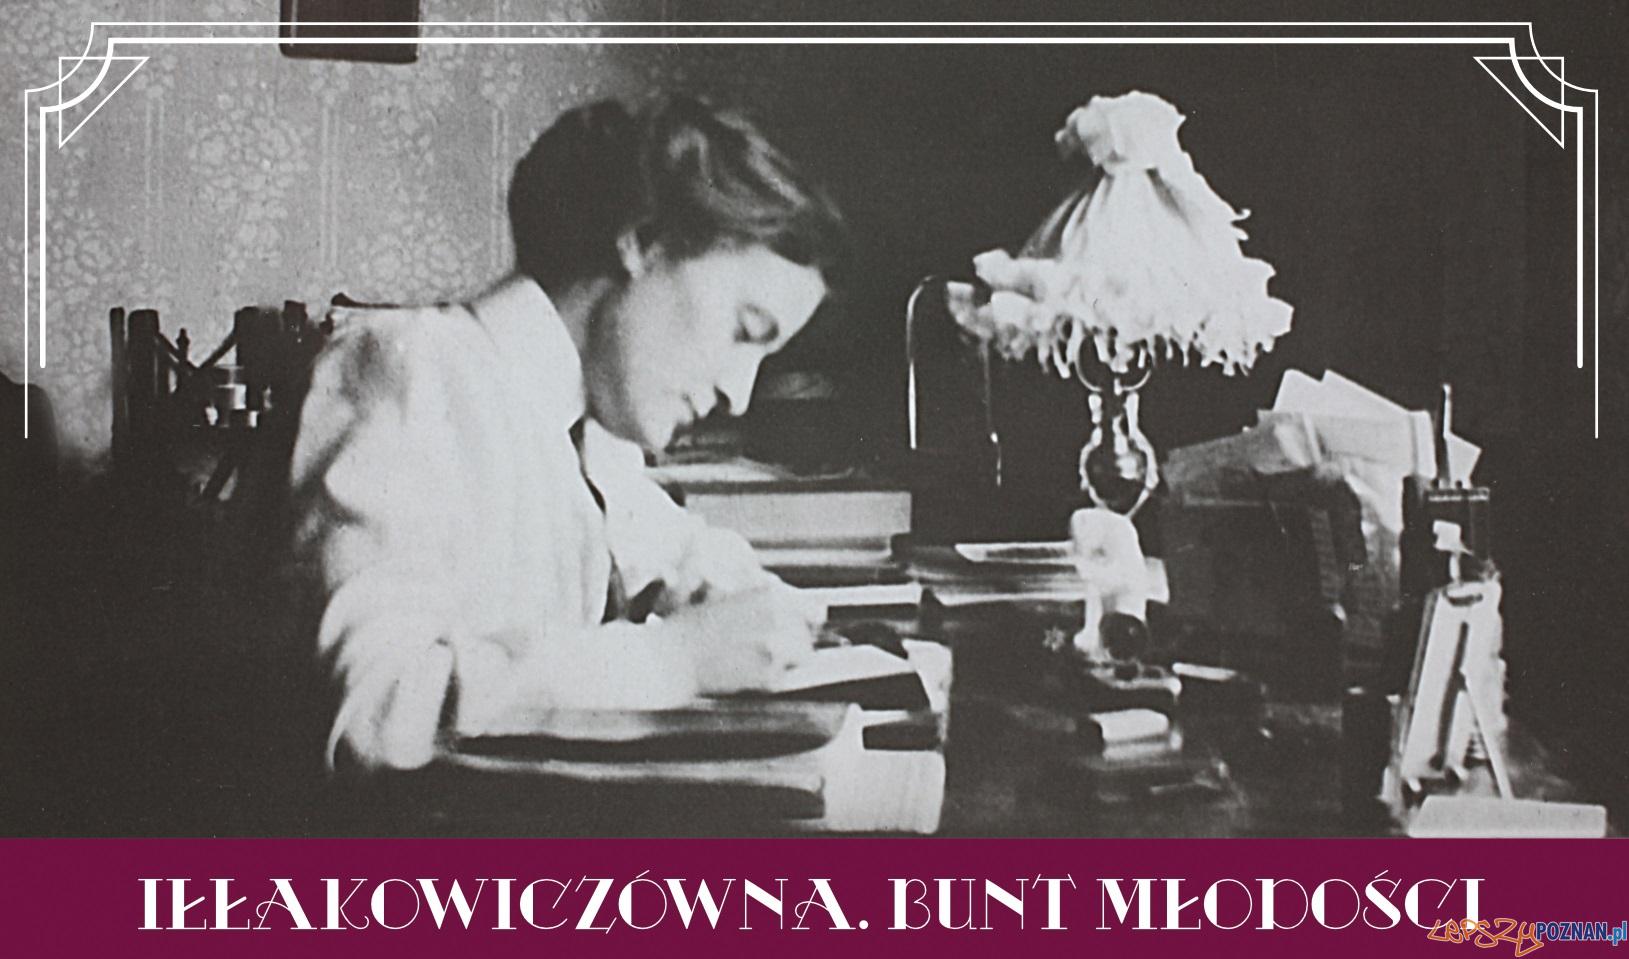 Natalia Moskal - Bunt młodosci  Foto: materiały prasowe